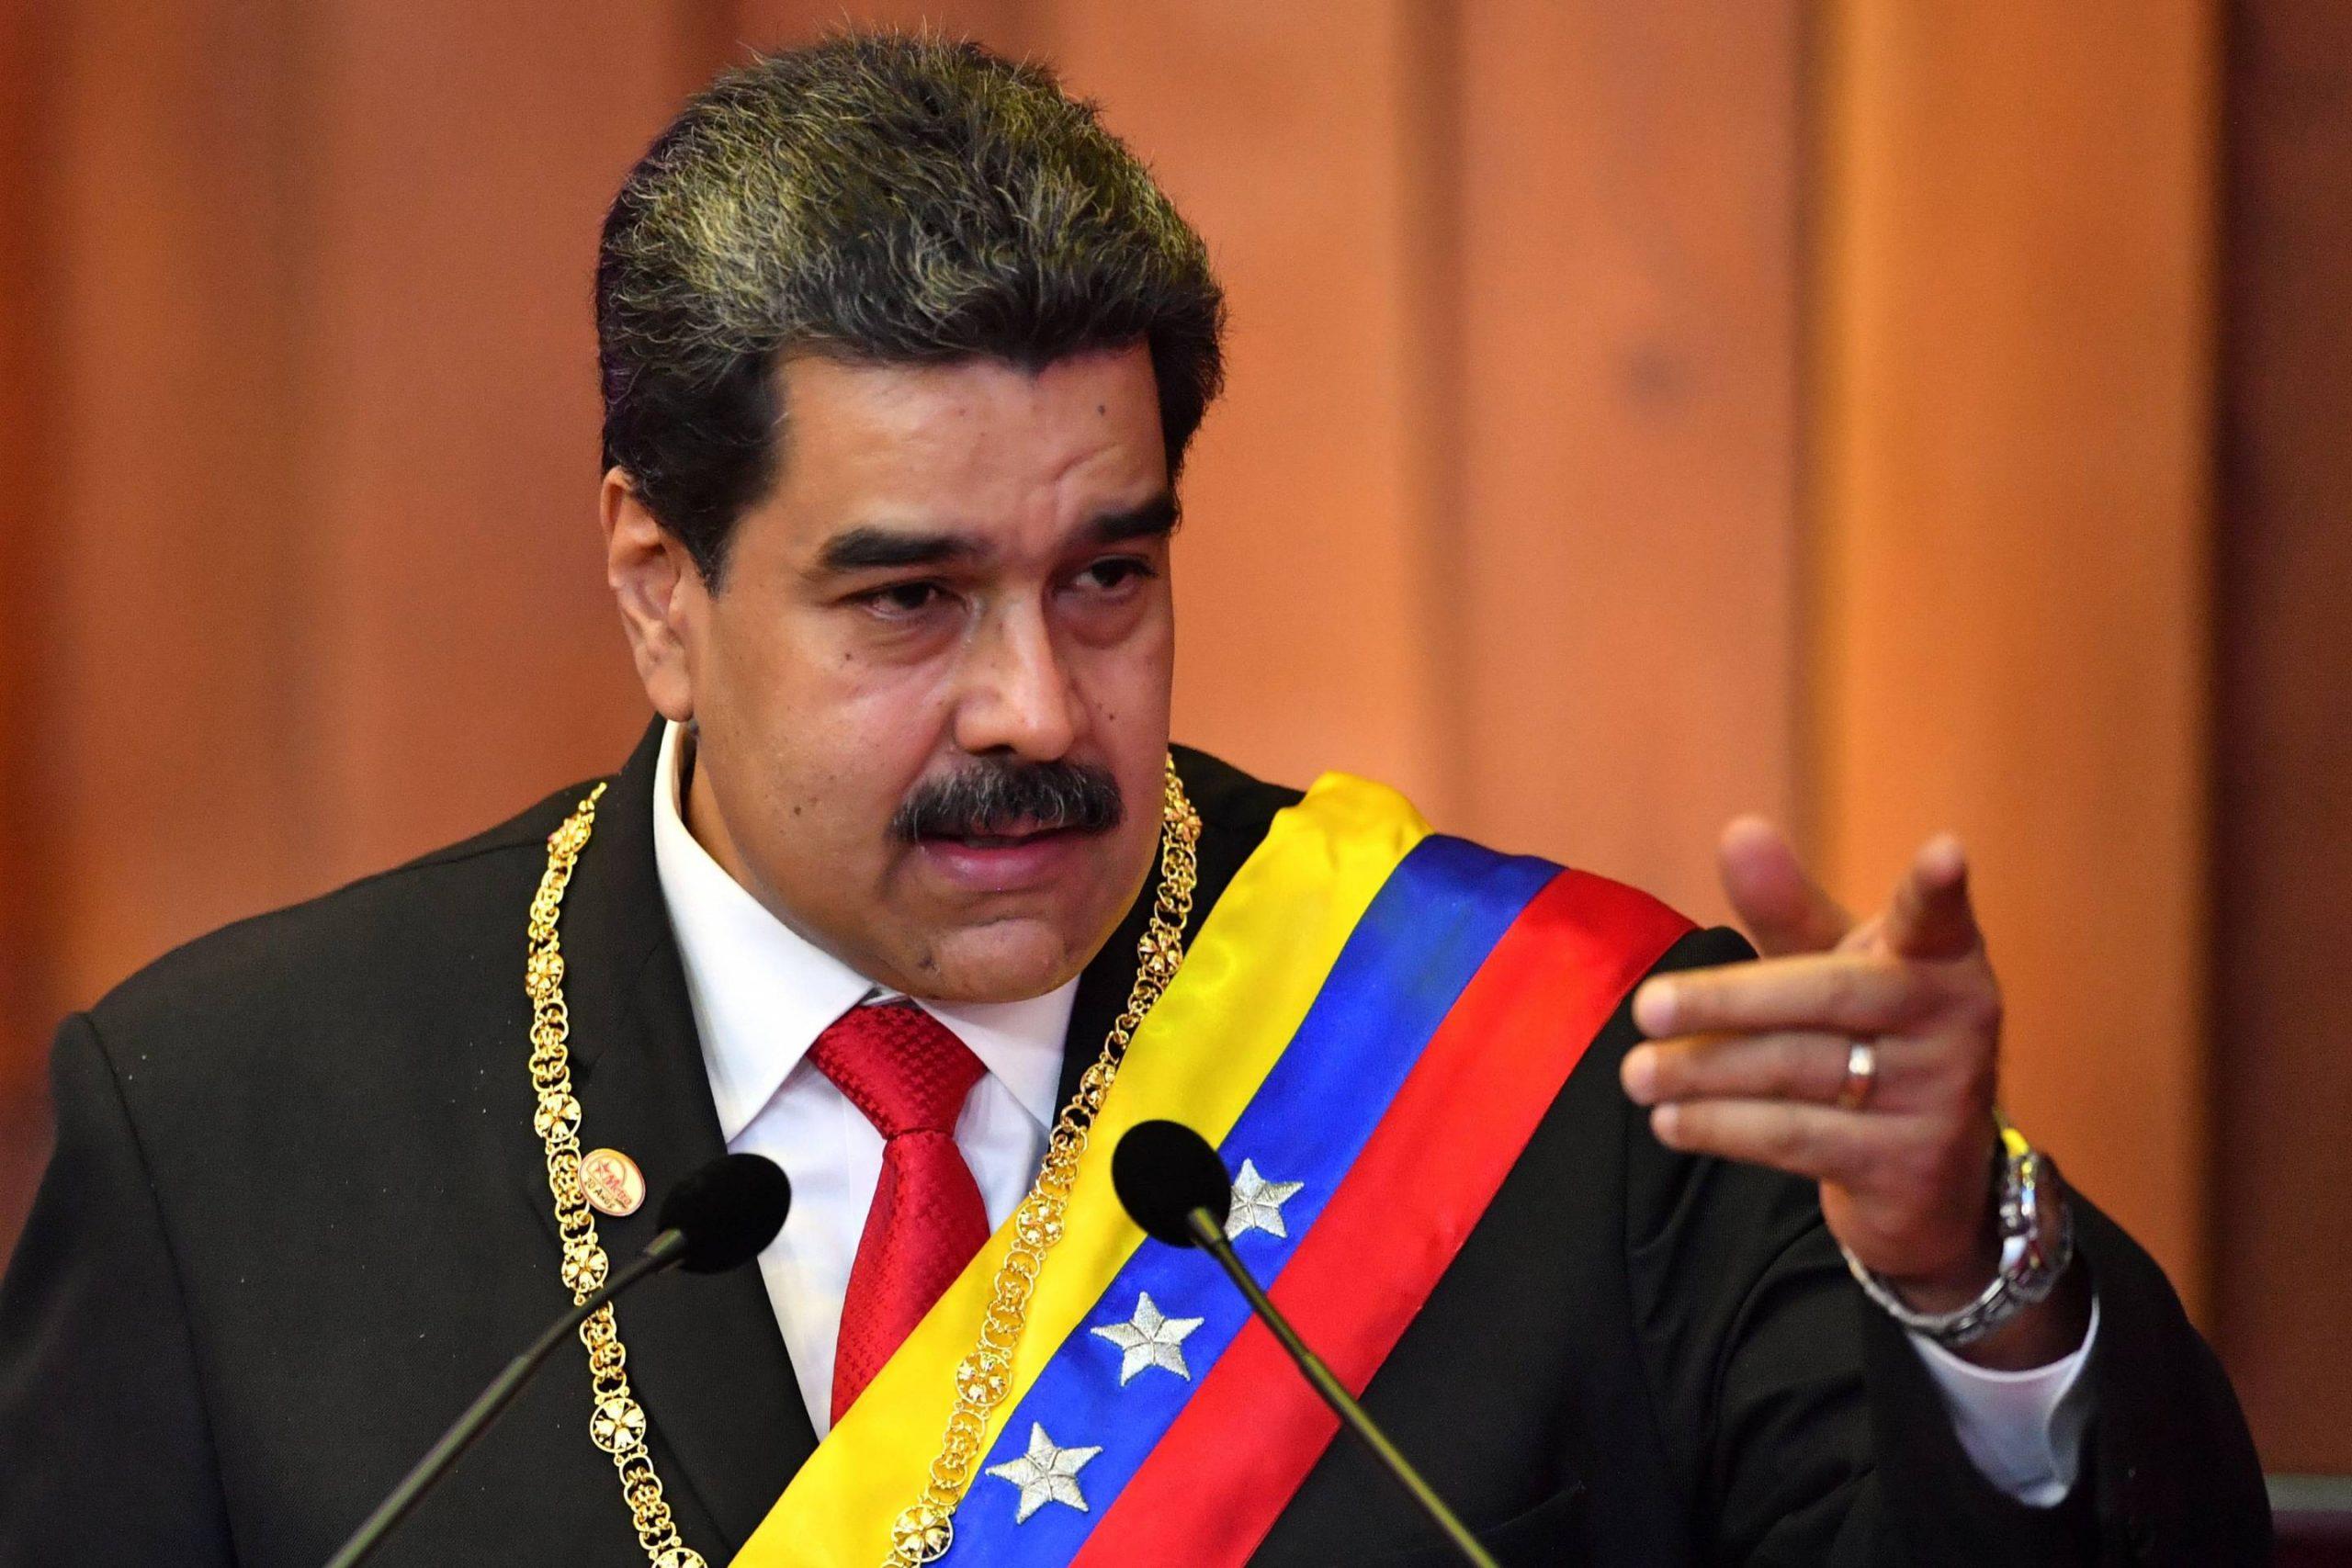 Venezuela condena 'violência' nos EUA, Veja nota